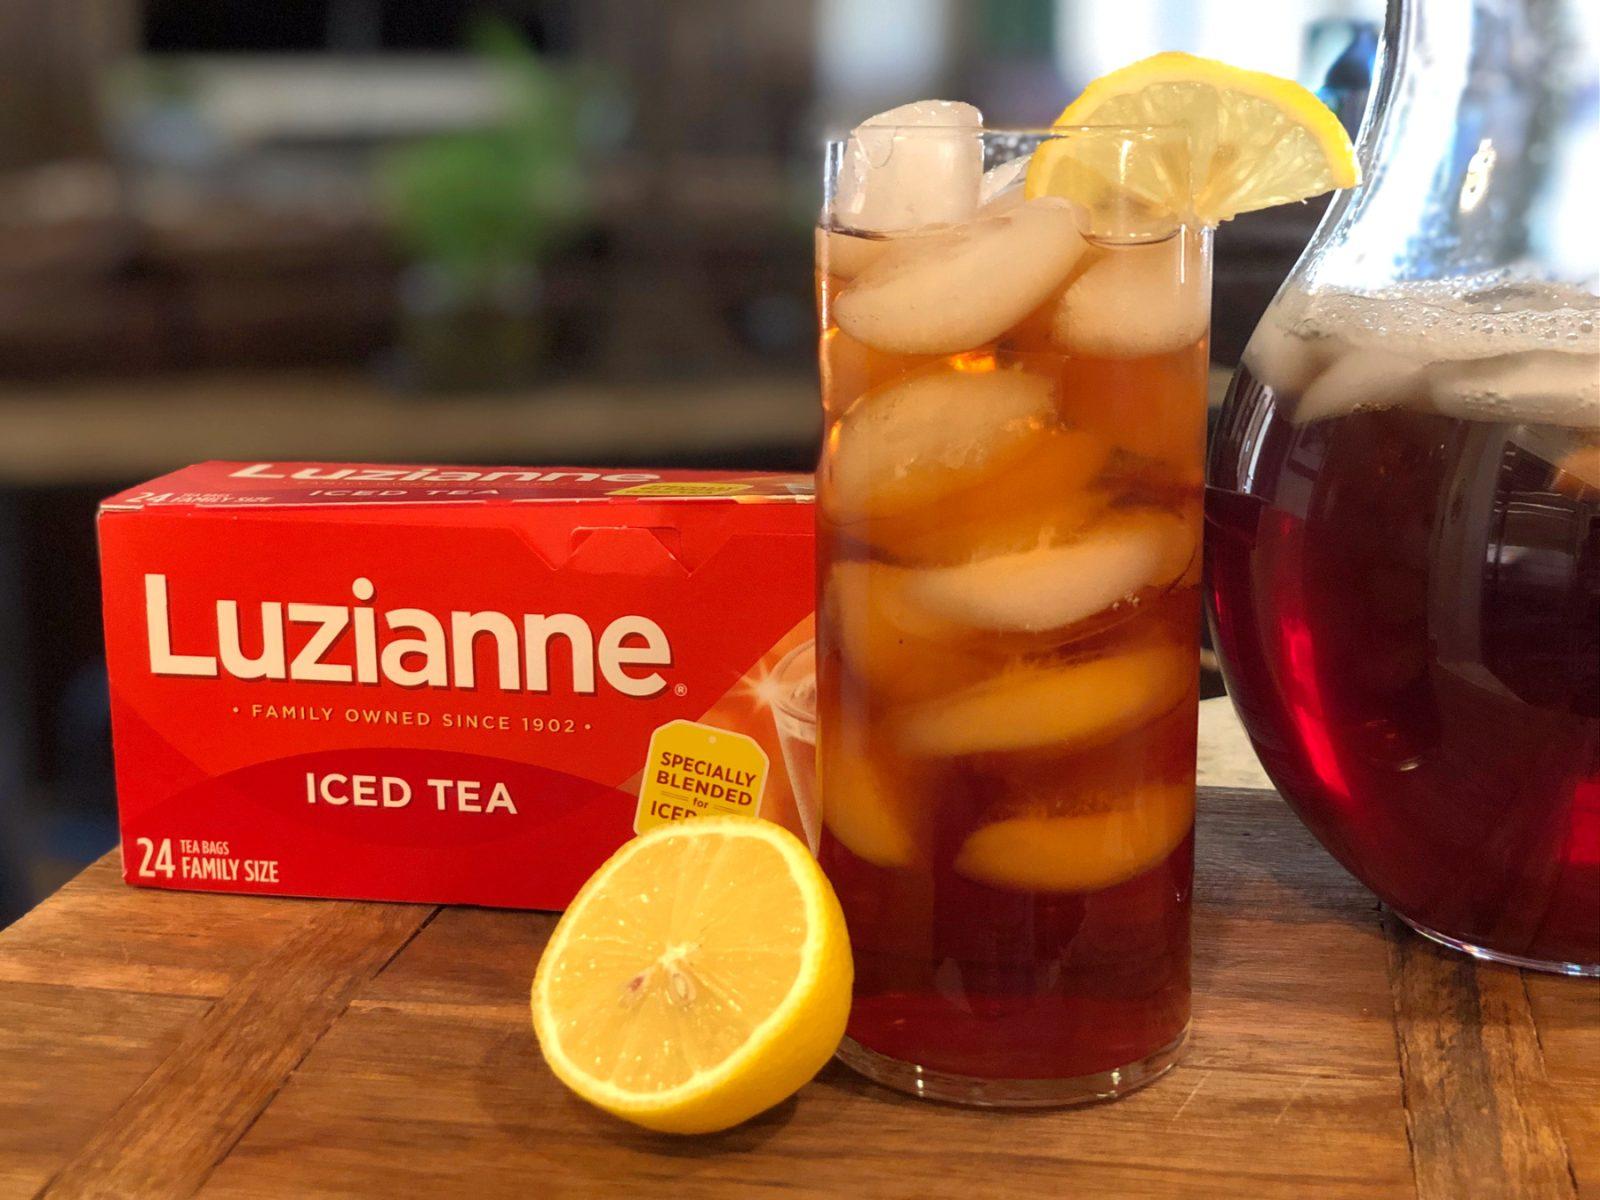 Luzianne Tea Just $1.40 At Publix on I Heart Publix 1